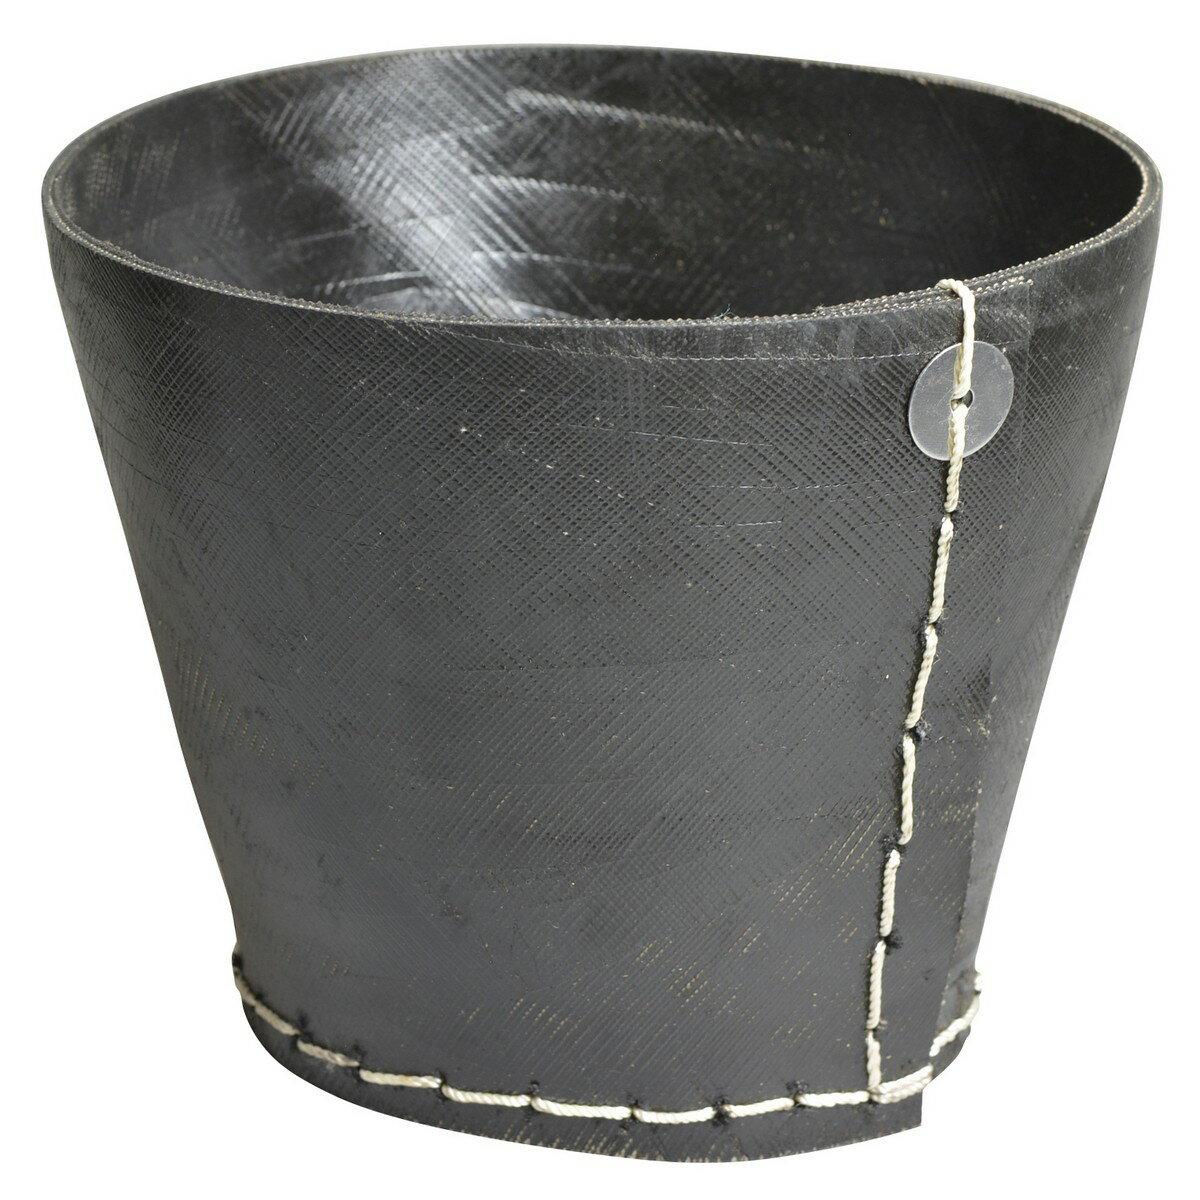 ハットトリック/RECYCLE RUBBER PLANTER C /2M-238 L